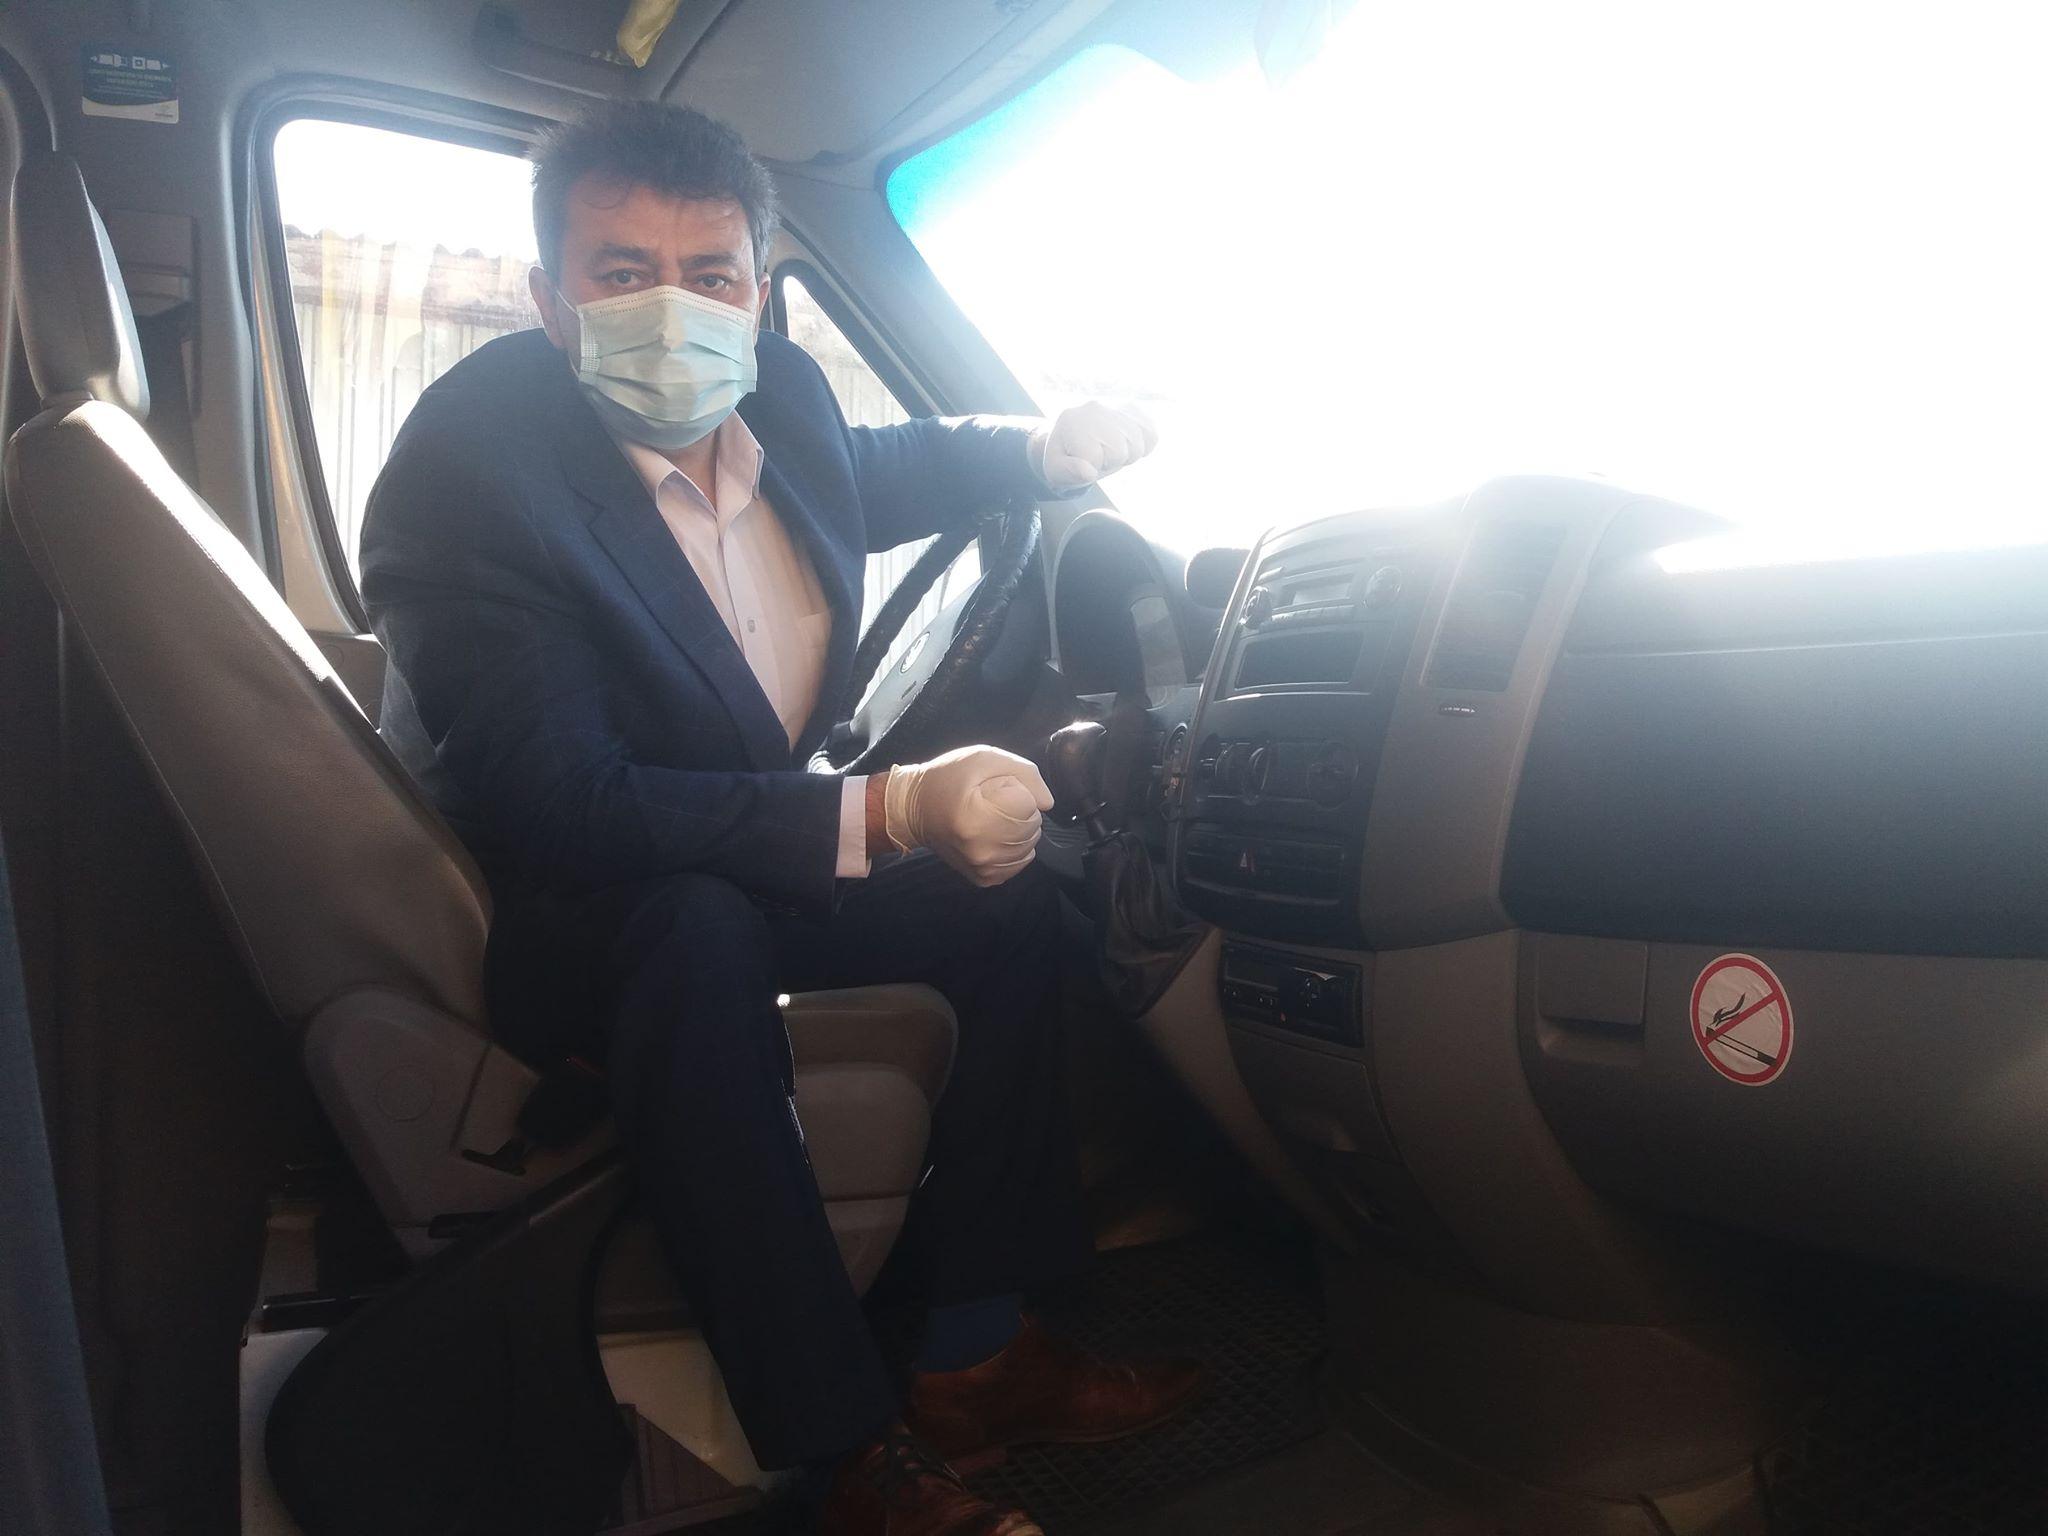 Primarul din Deveselu este și șofer pe microbuzele instituției